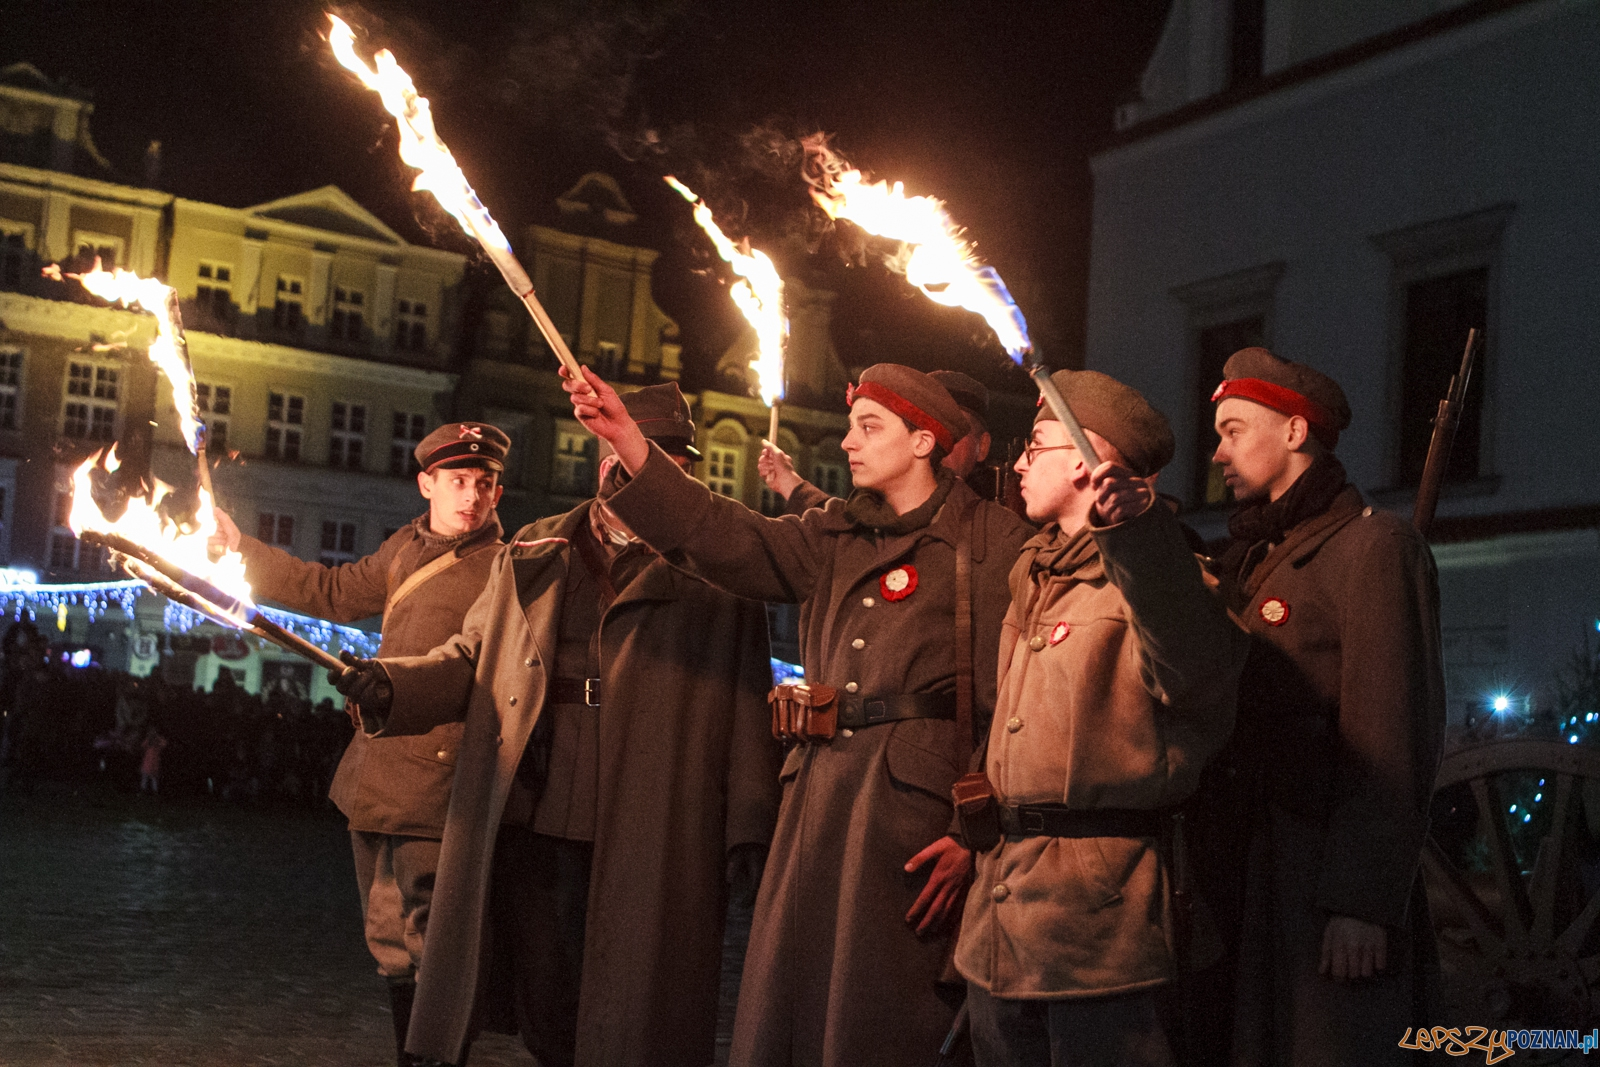 Inscenizacja walk rozpoczynających Powstanie Wielkopolskie 1918  Foto: LepszyPOZNAN.pl / Paweł Rychter